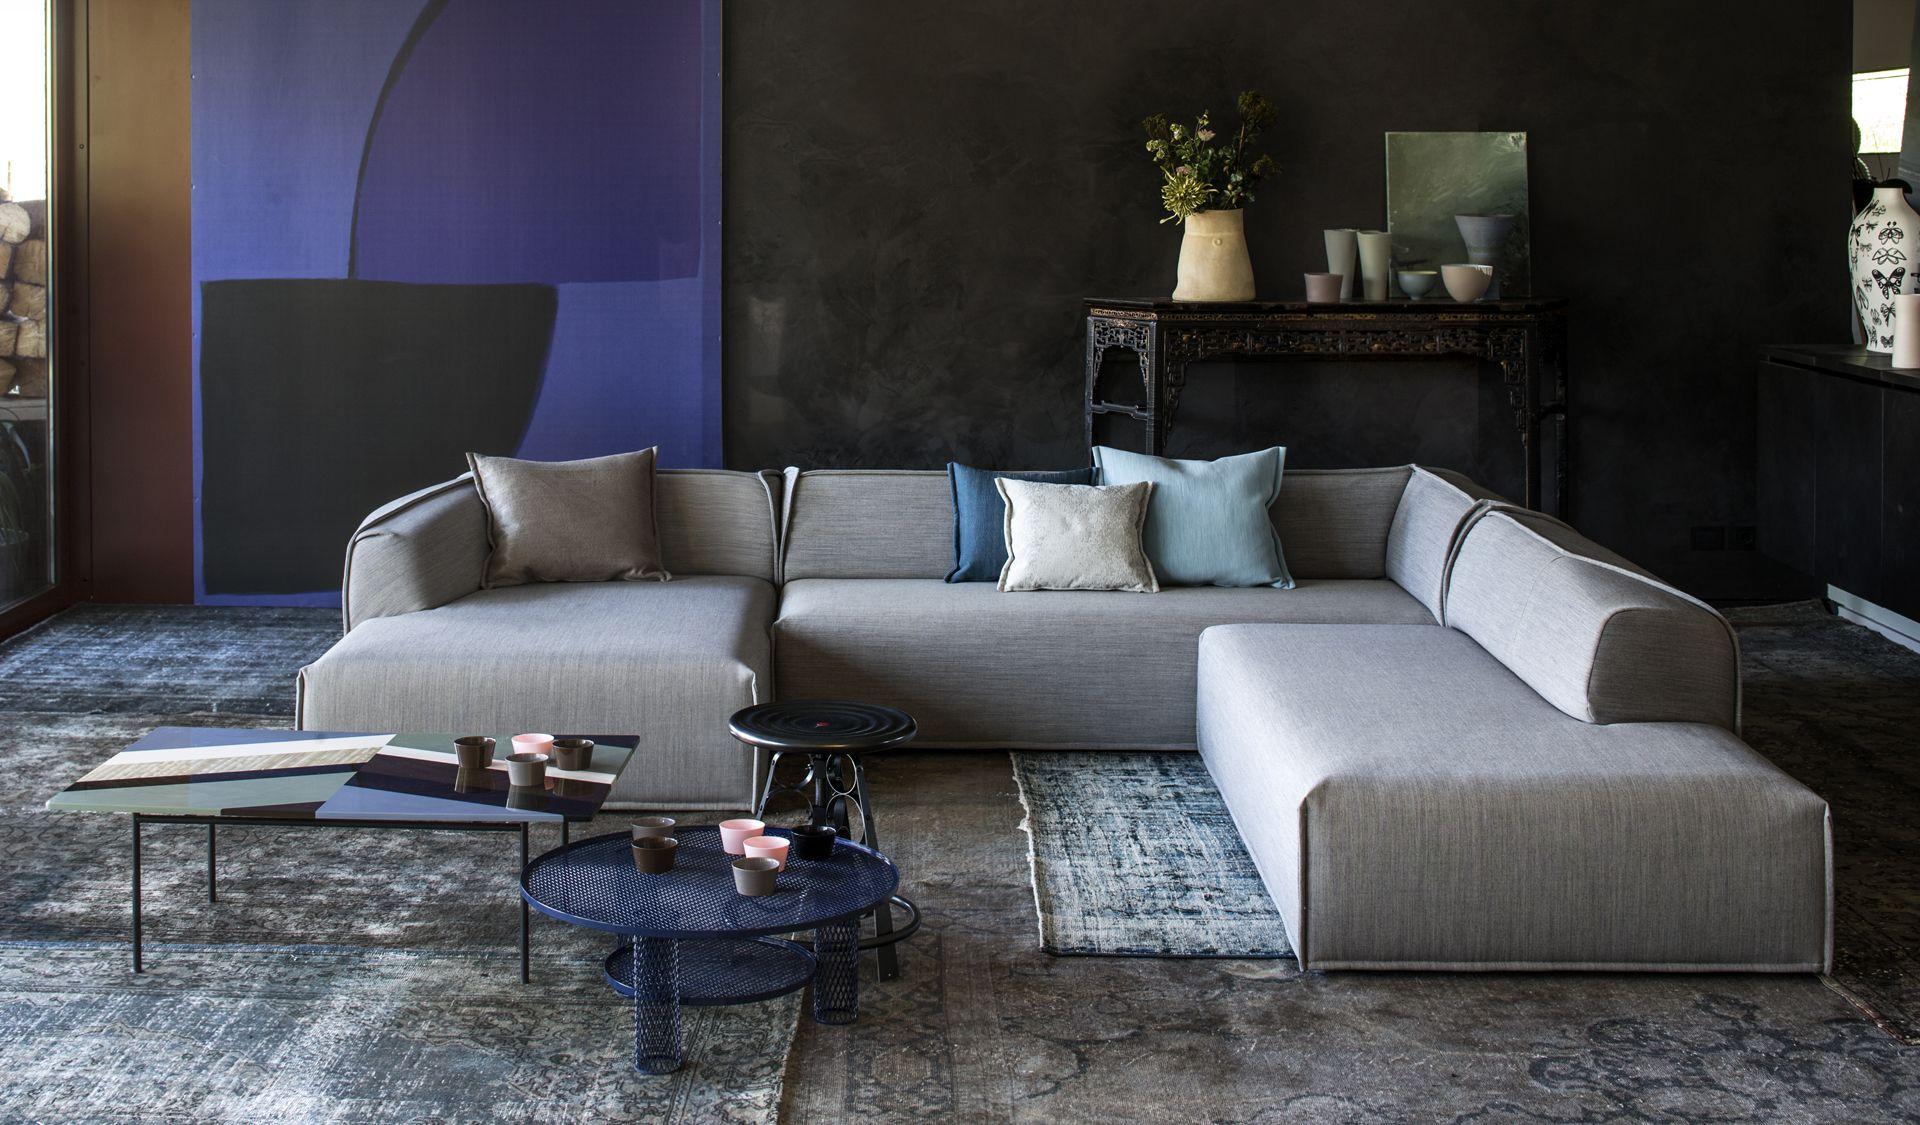 moroso massas sofa Google Search Vías, S. a